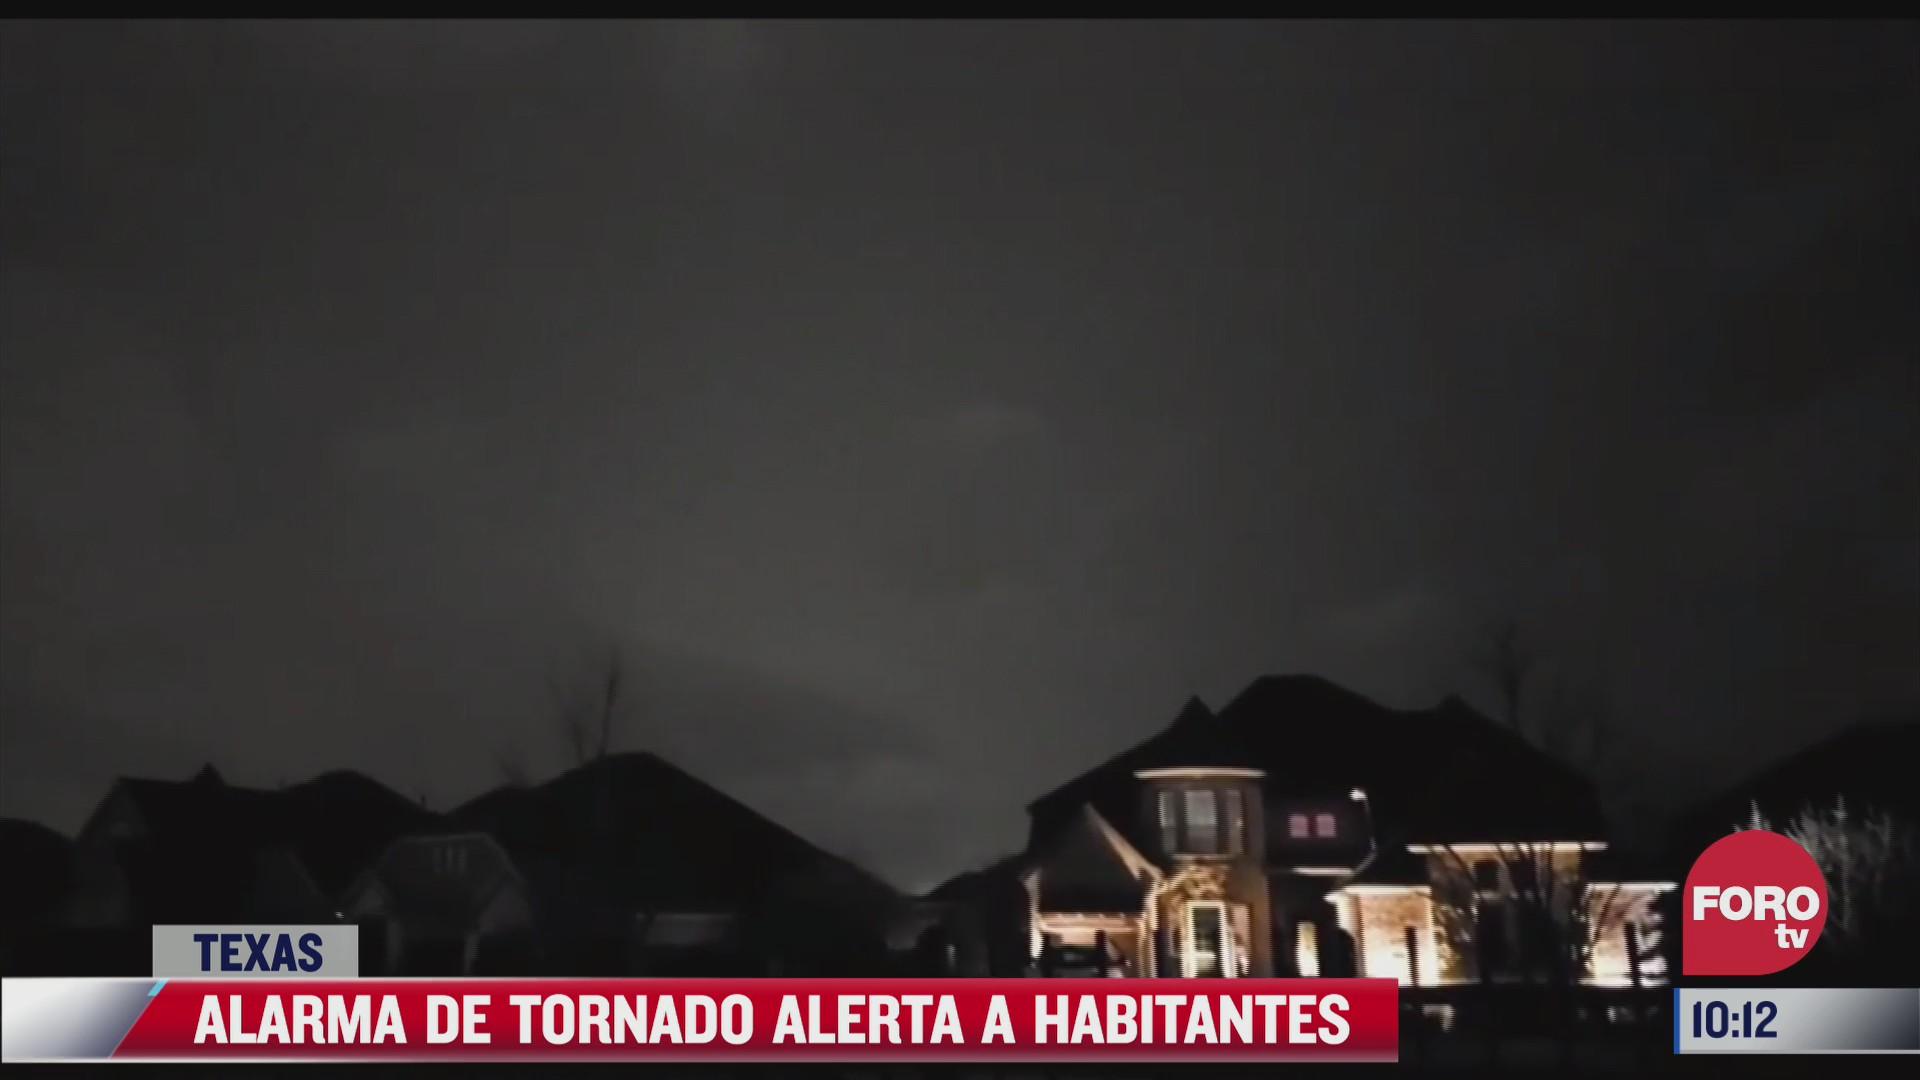 asi fue la alerta de tornado en texas